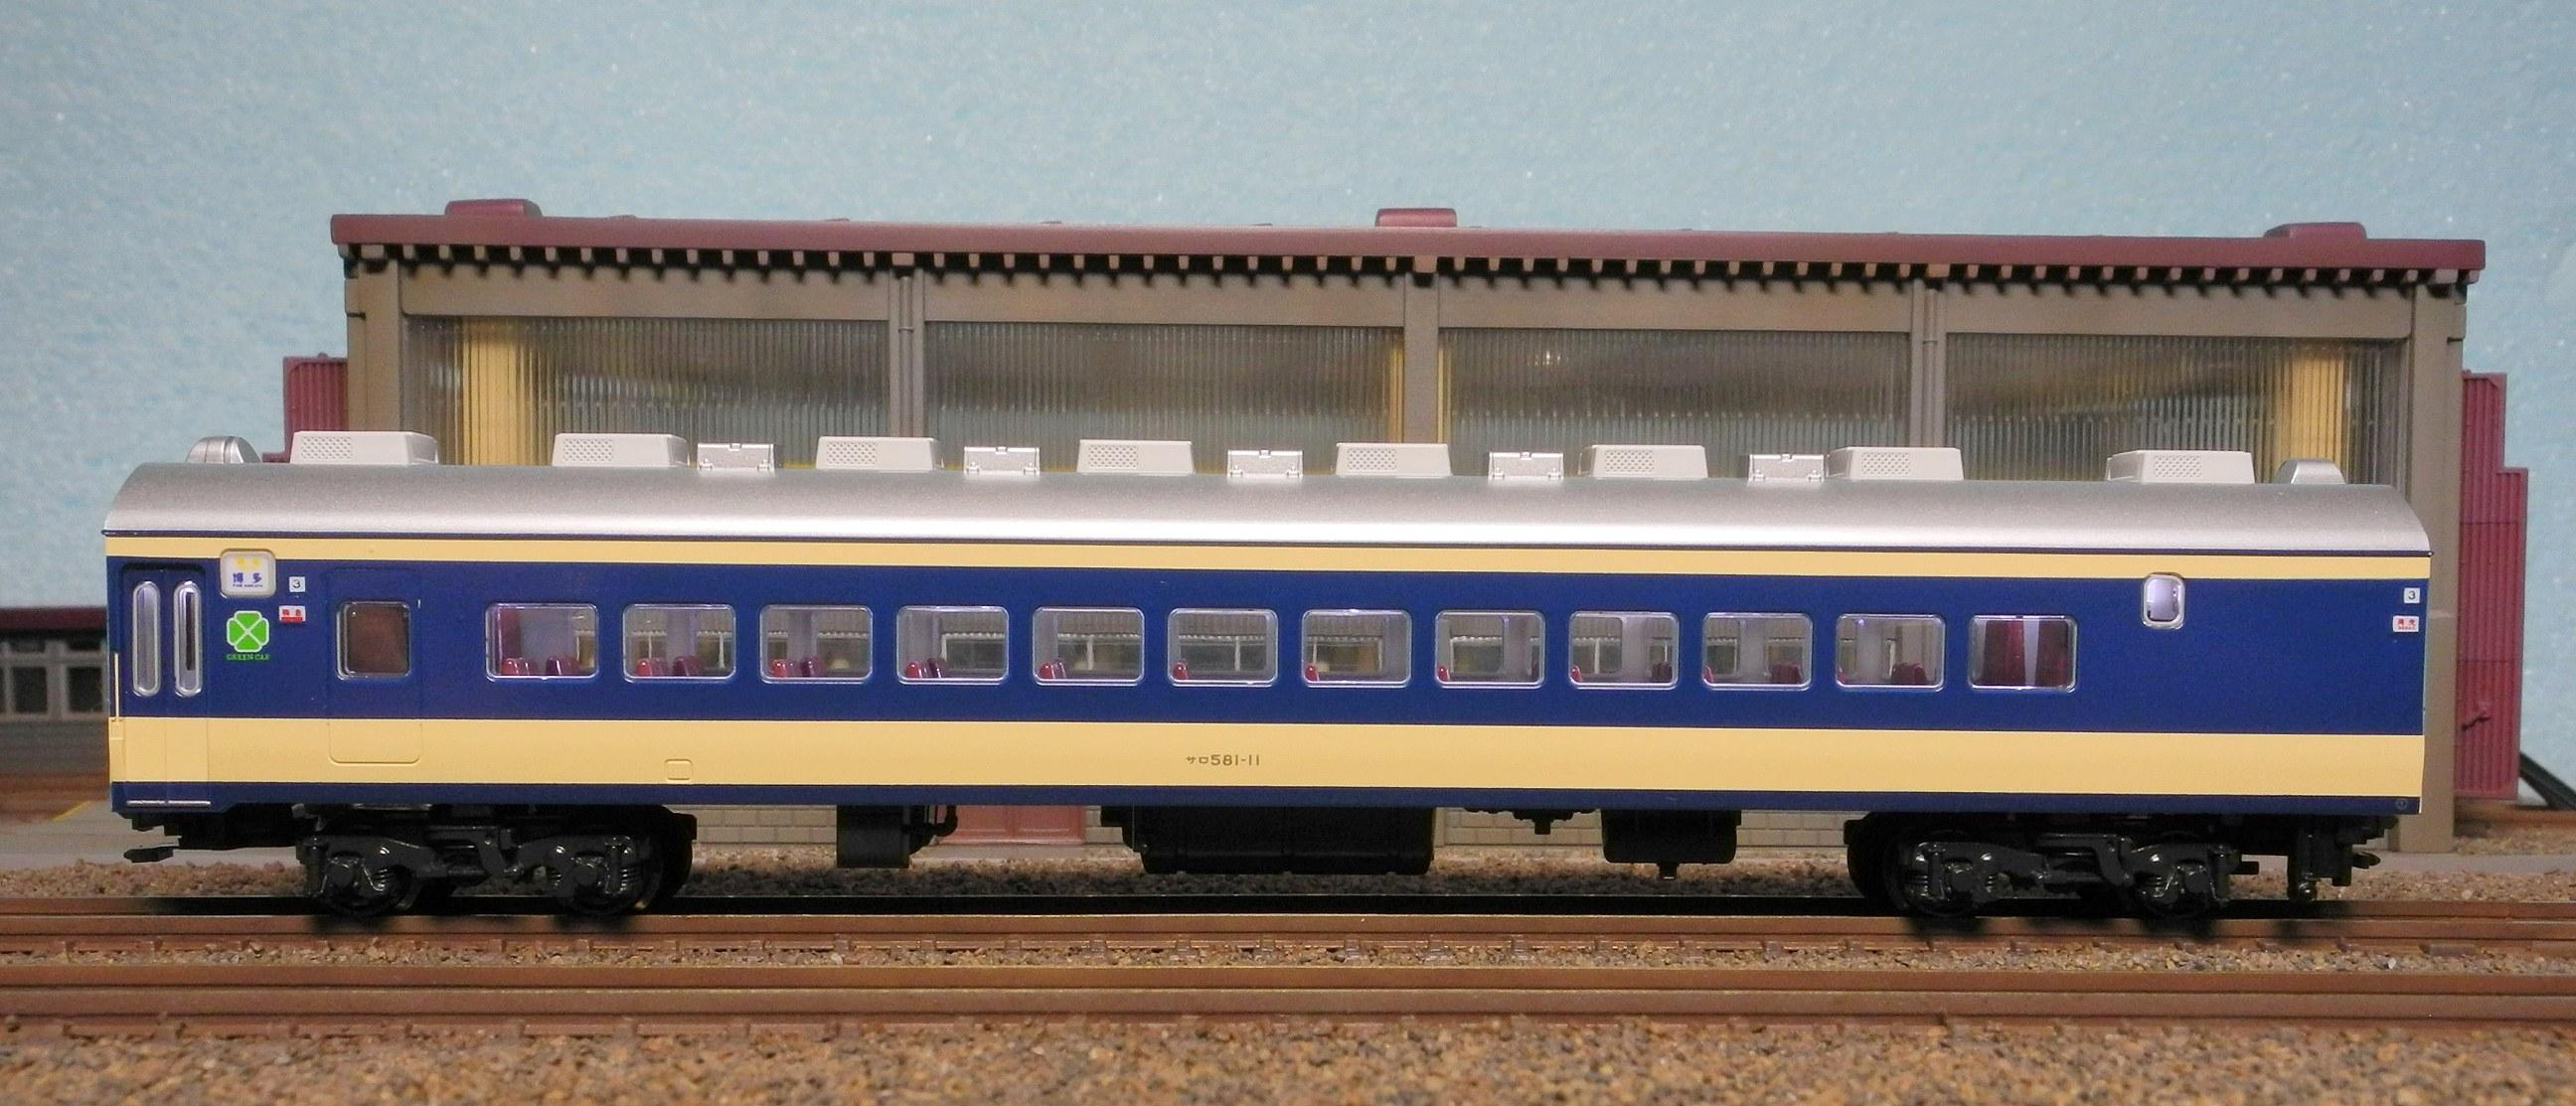 DSCN6719-1.jpg